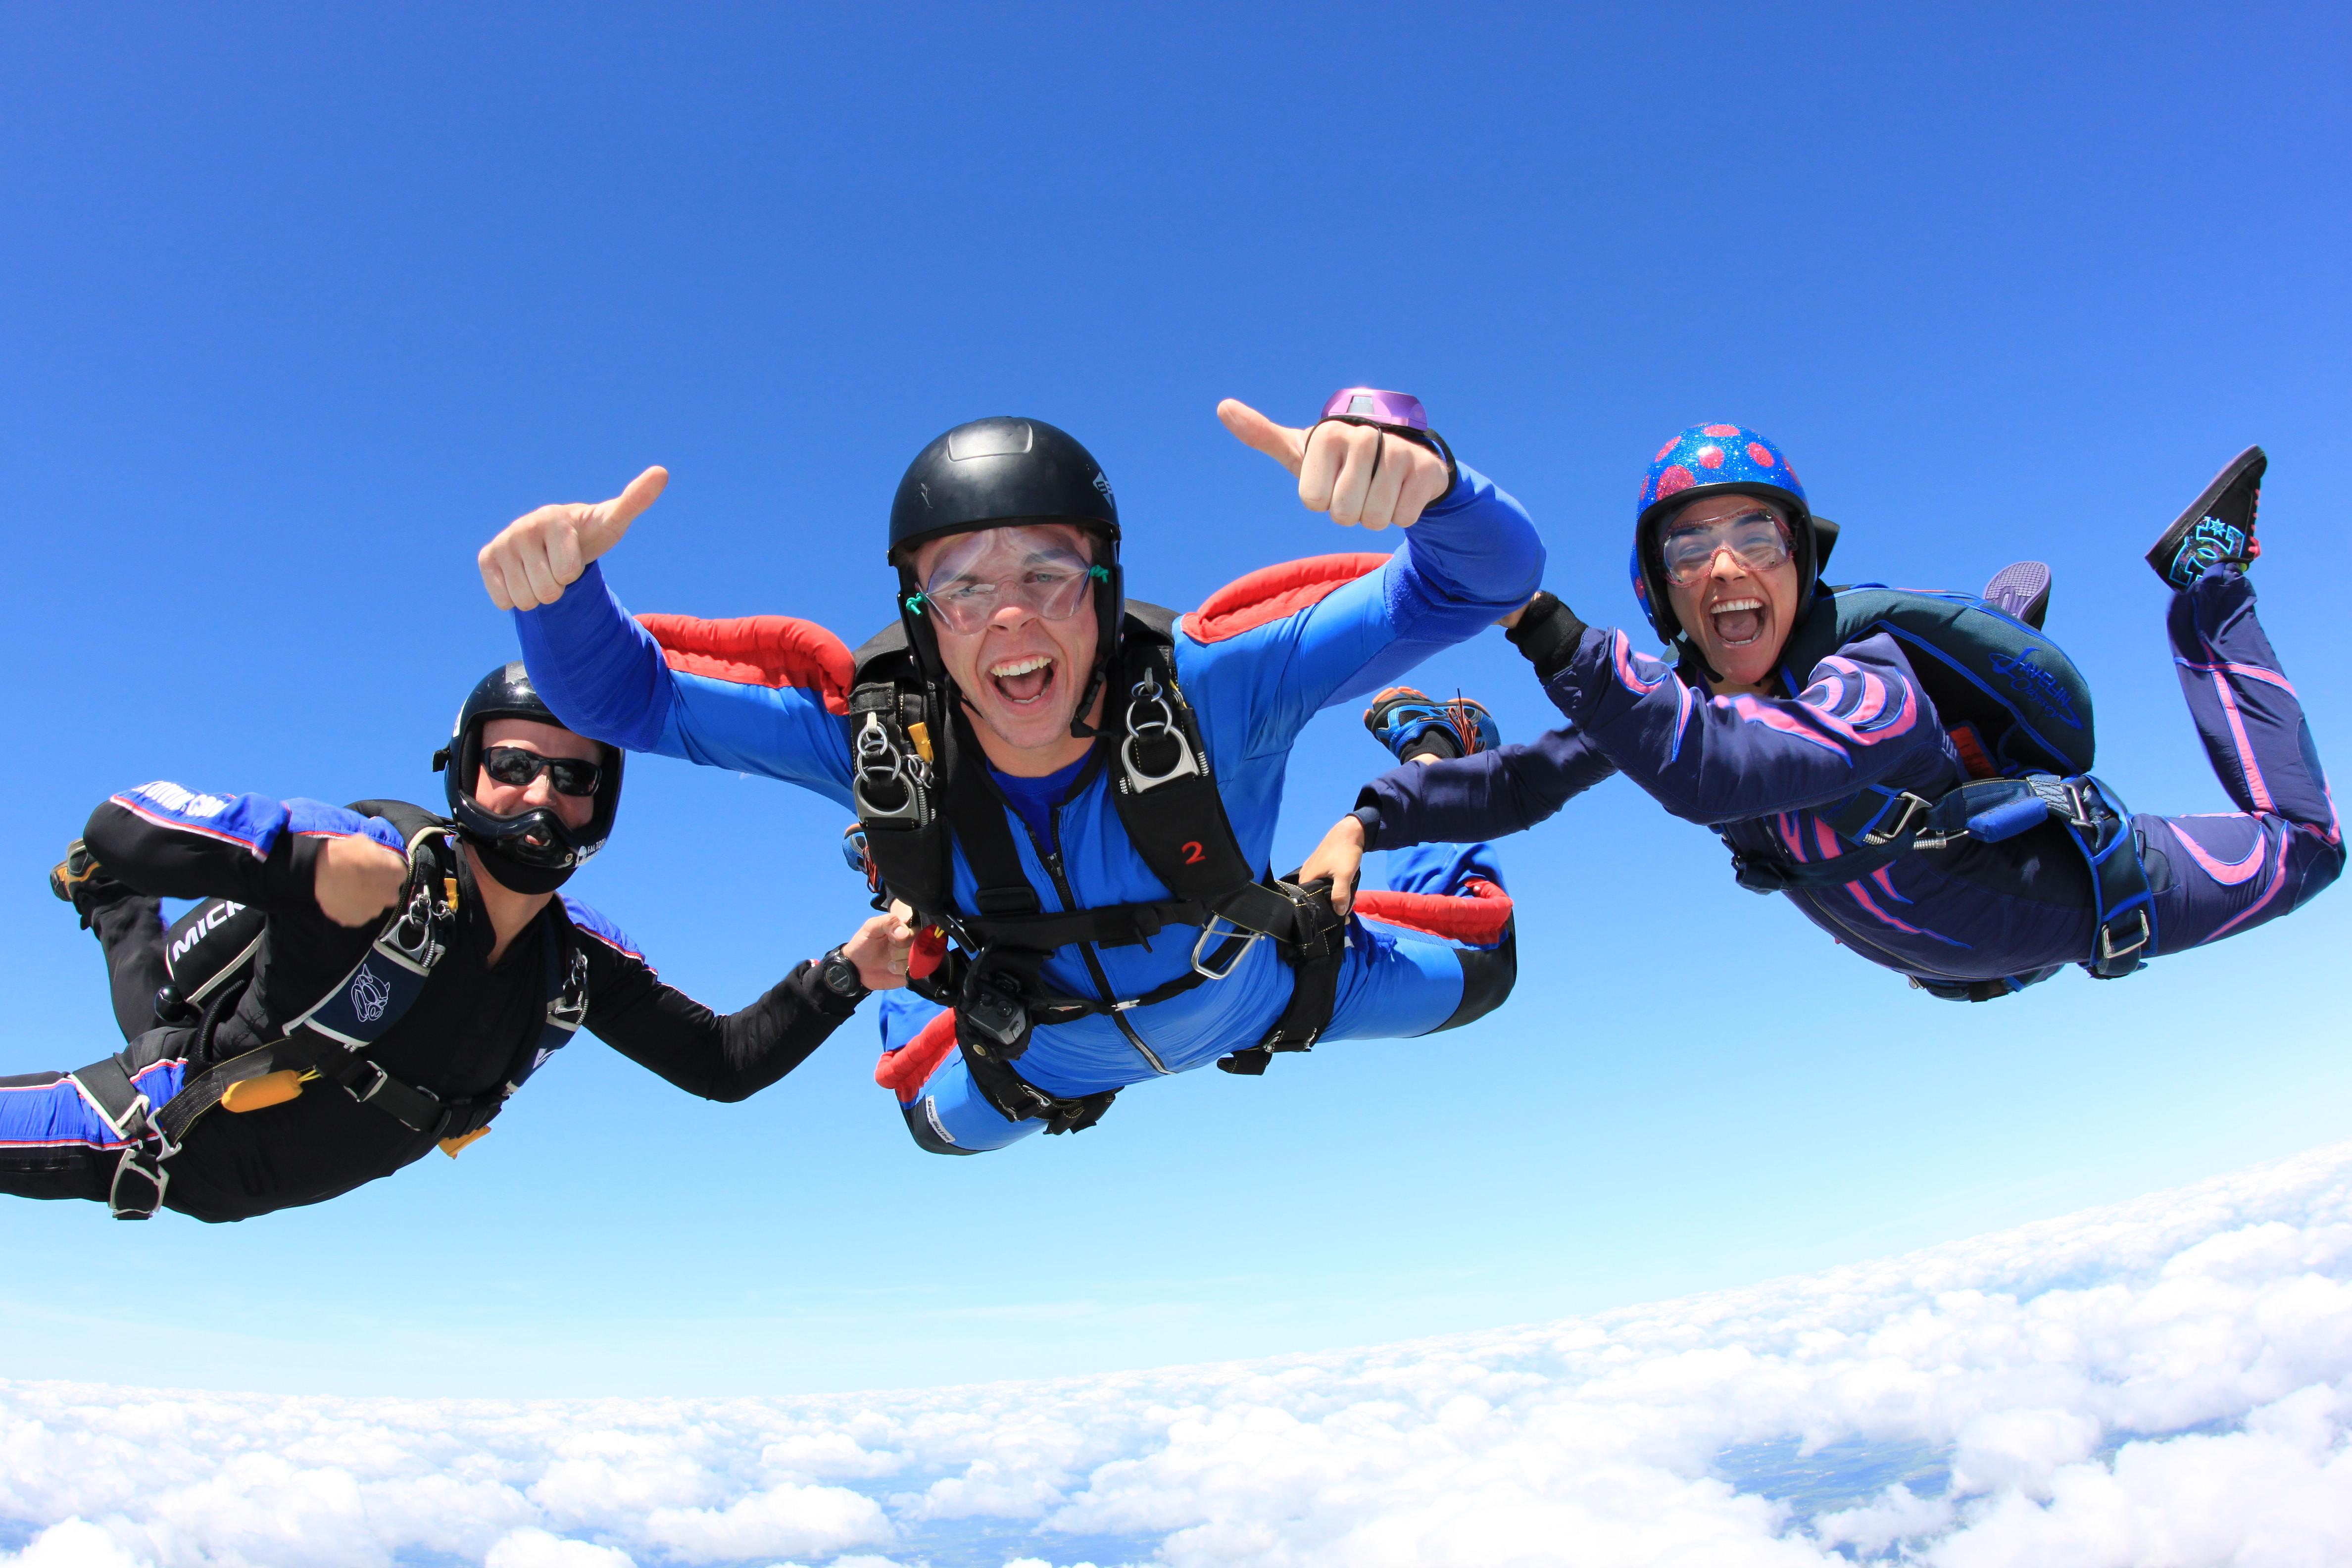 Start Skydiving 08 05 2013 Start Skydiving